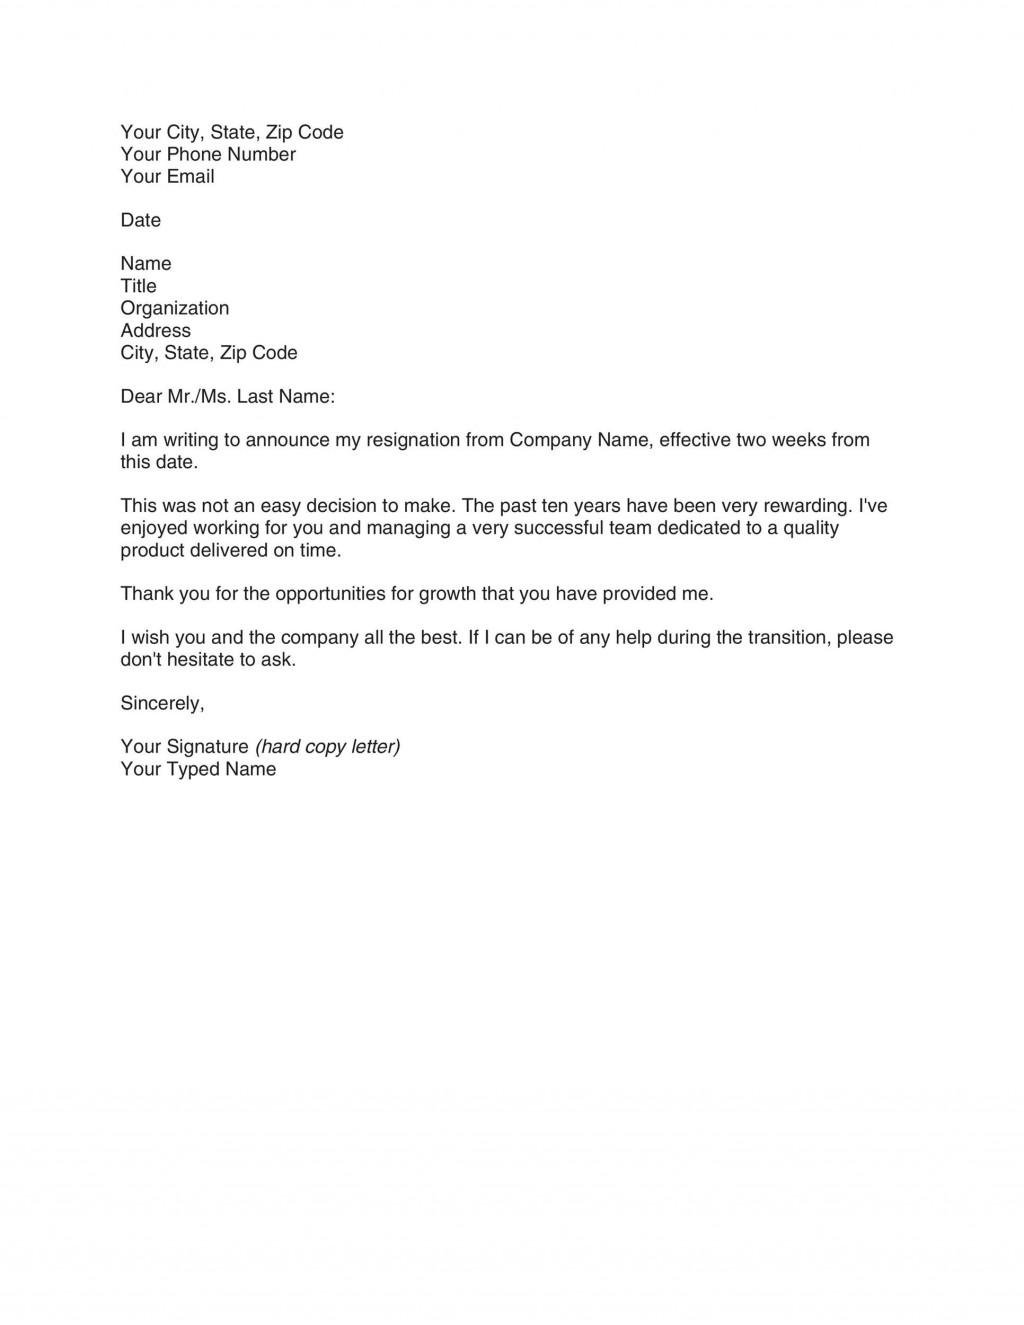 004 Singular Two Week Notice Letter Template Sample  2 Google Doc Word SimpleLarge